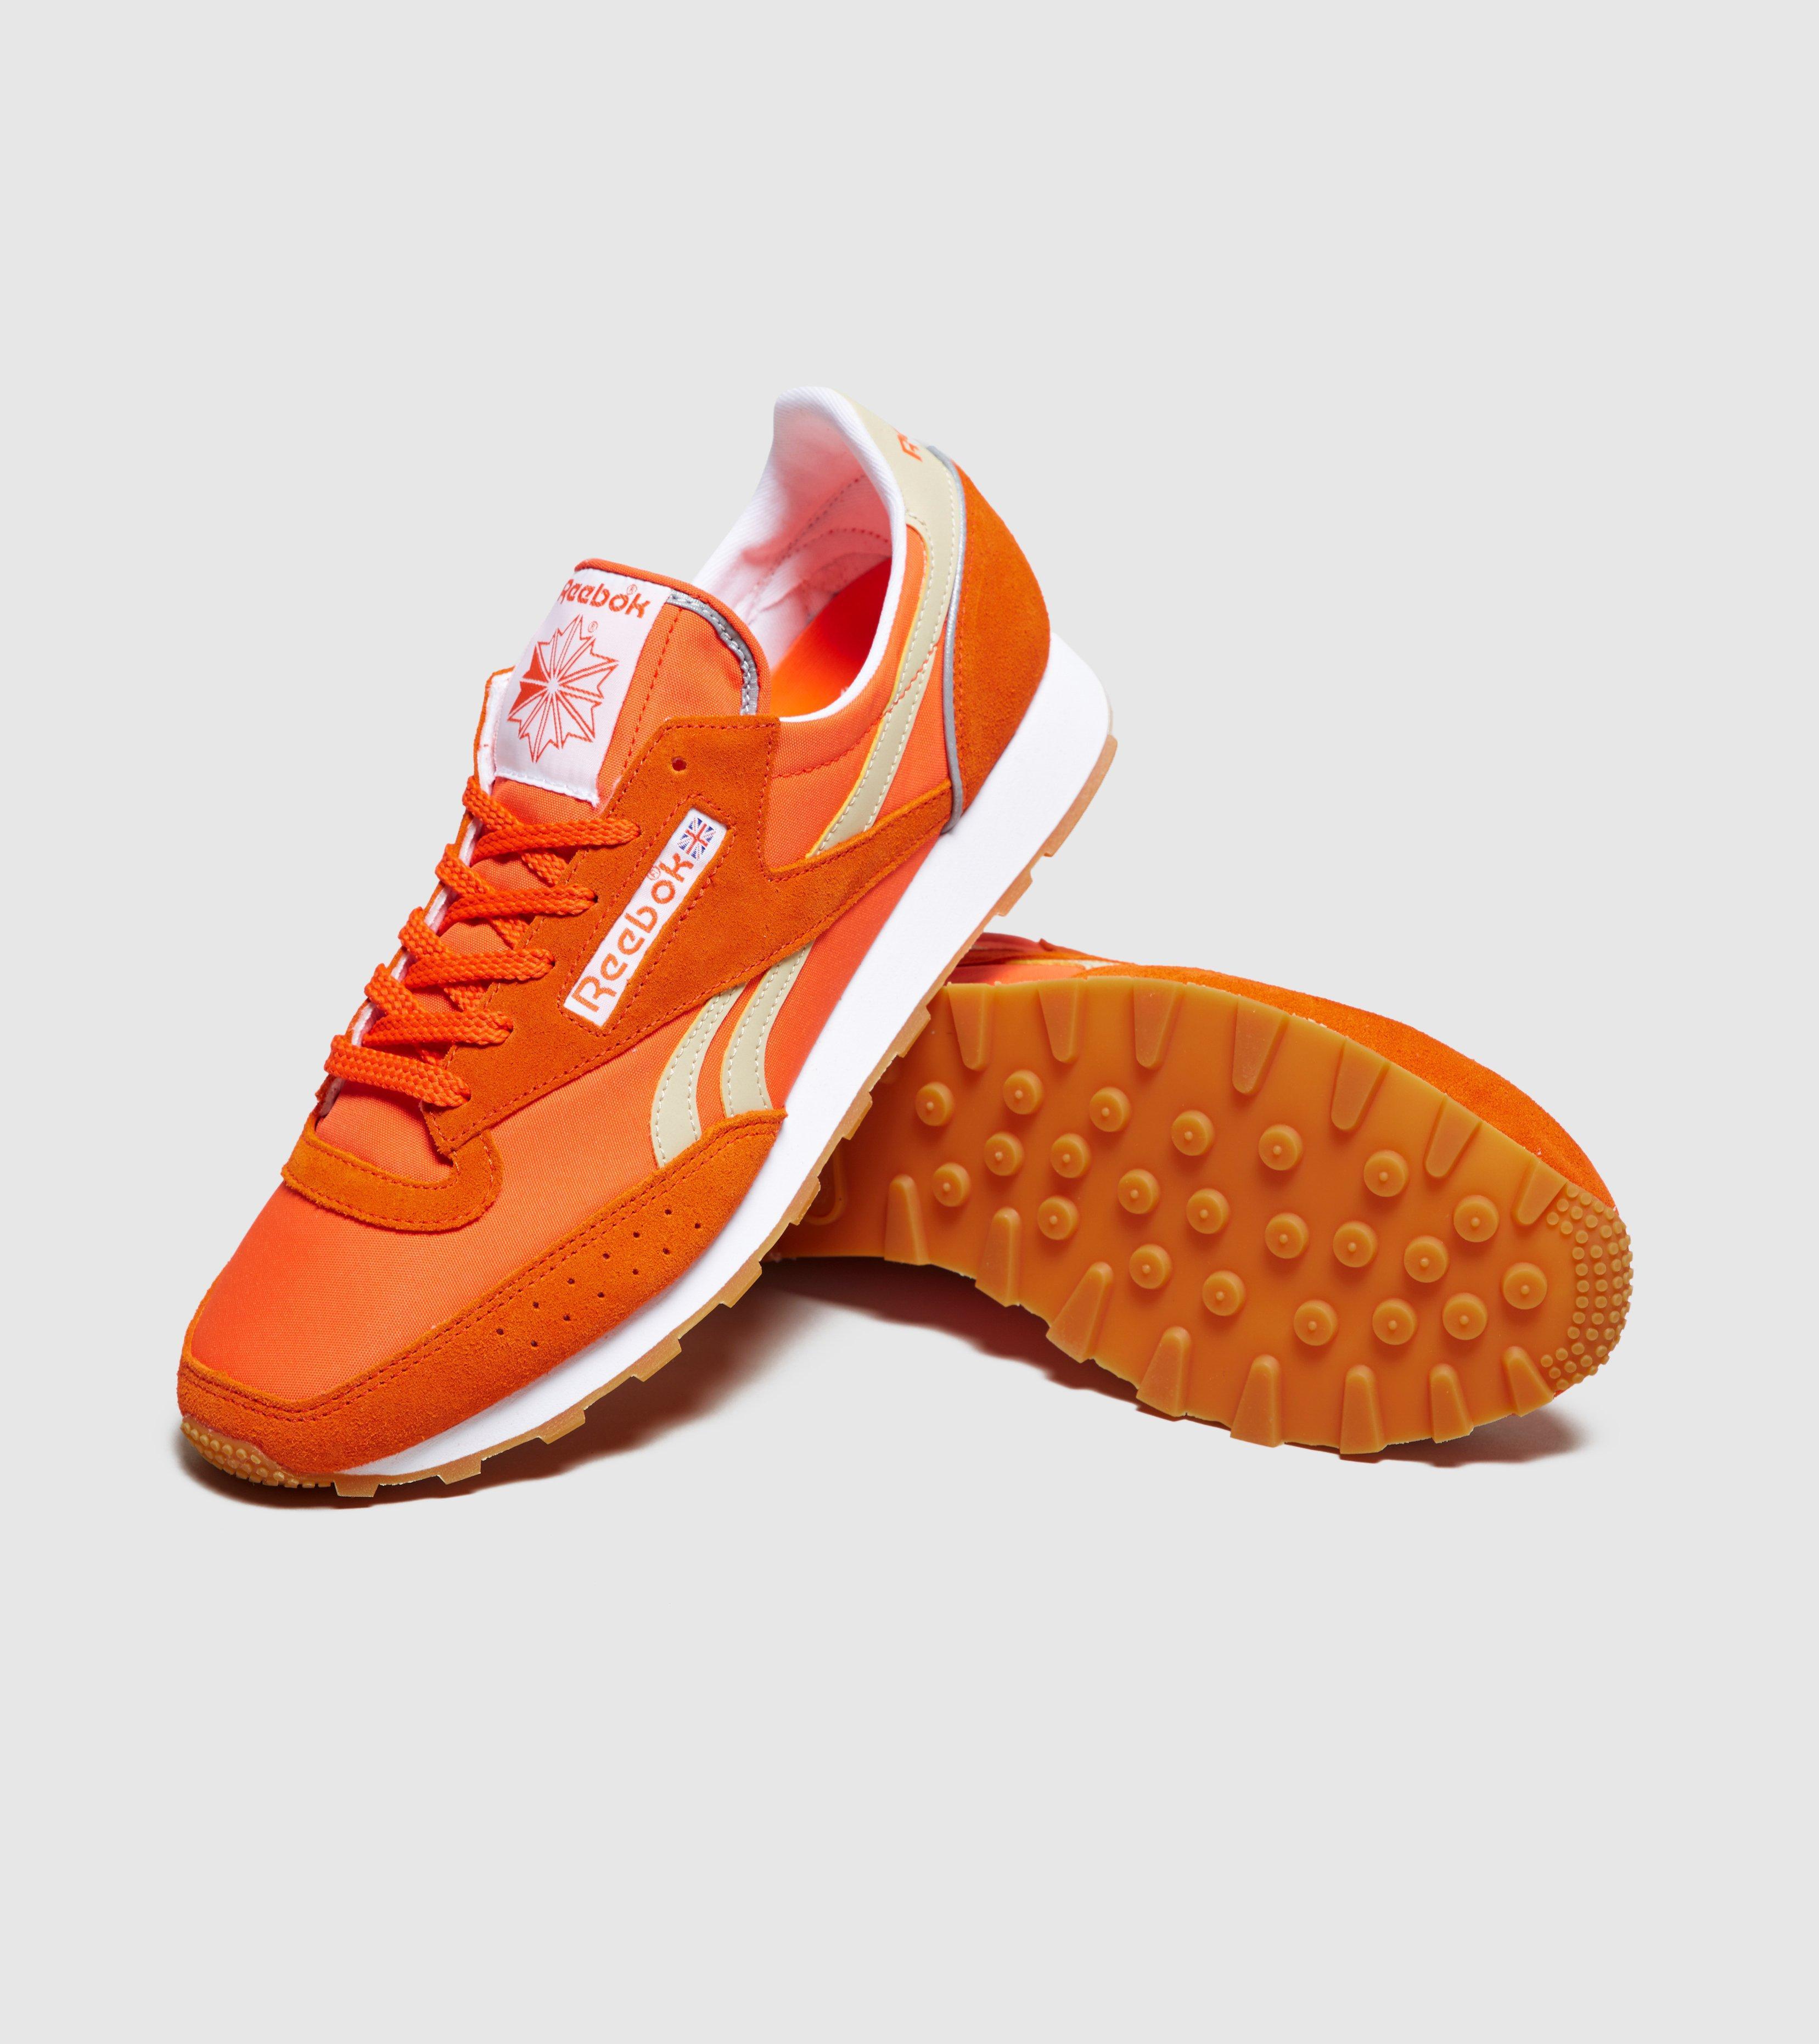 86e285fa11a Lyst - Reebok Classic 83 - Size  Exclusive in Orange for Men